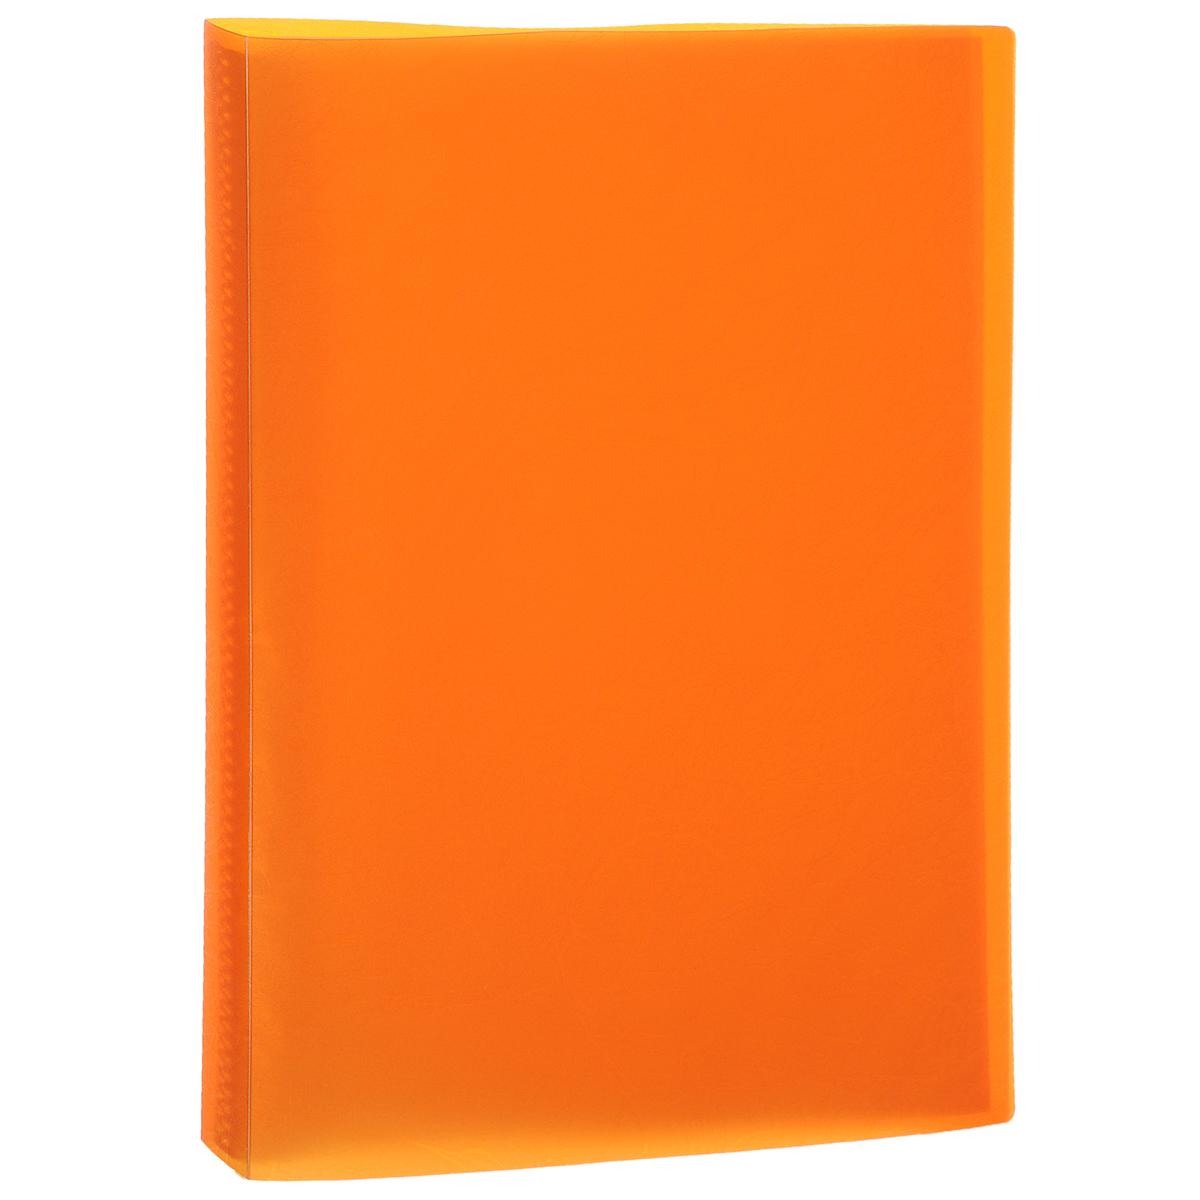 Папка Centrum, 20 файлов, цвет: оранжевый. Формат А420AV4_14177Папка Centrum - это удобный и функциональный офисный инструмент, предназначенный для хранения и транспортировки рабочих бумаг и документов формата А4.Папка изготовлена из прочного высококачественного пластика и включает в себя 20 прозрачных вкладышей-файлов. Обложка папки оформлена тиснением под кожу. Папка имеет опрятный и неброский вид. Уголки папки имеют закругленную форму, что предотвращает их загибание и помогает надолго сохранить опрятный вид обложки.Папка - это незаменимый атрибут для любого студента, школьника или офисного работника. Такая папка надежно сохранит ваши бумаги и сбережет их от повреждений, пыли и влаги.